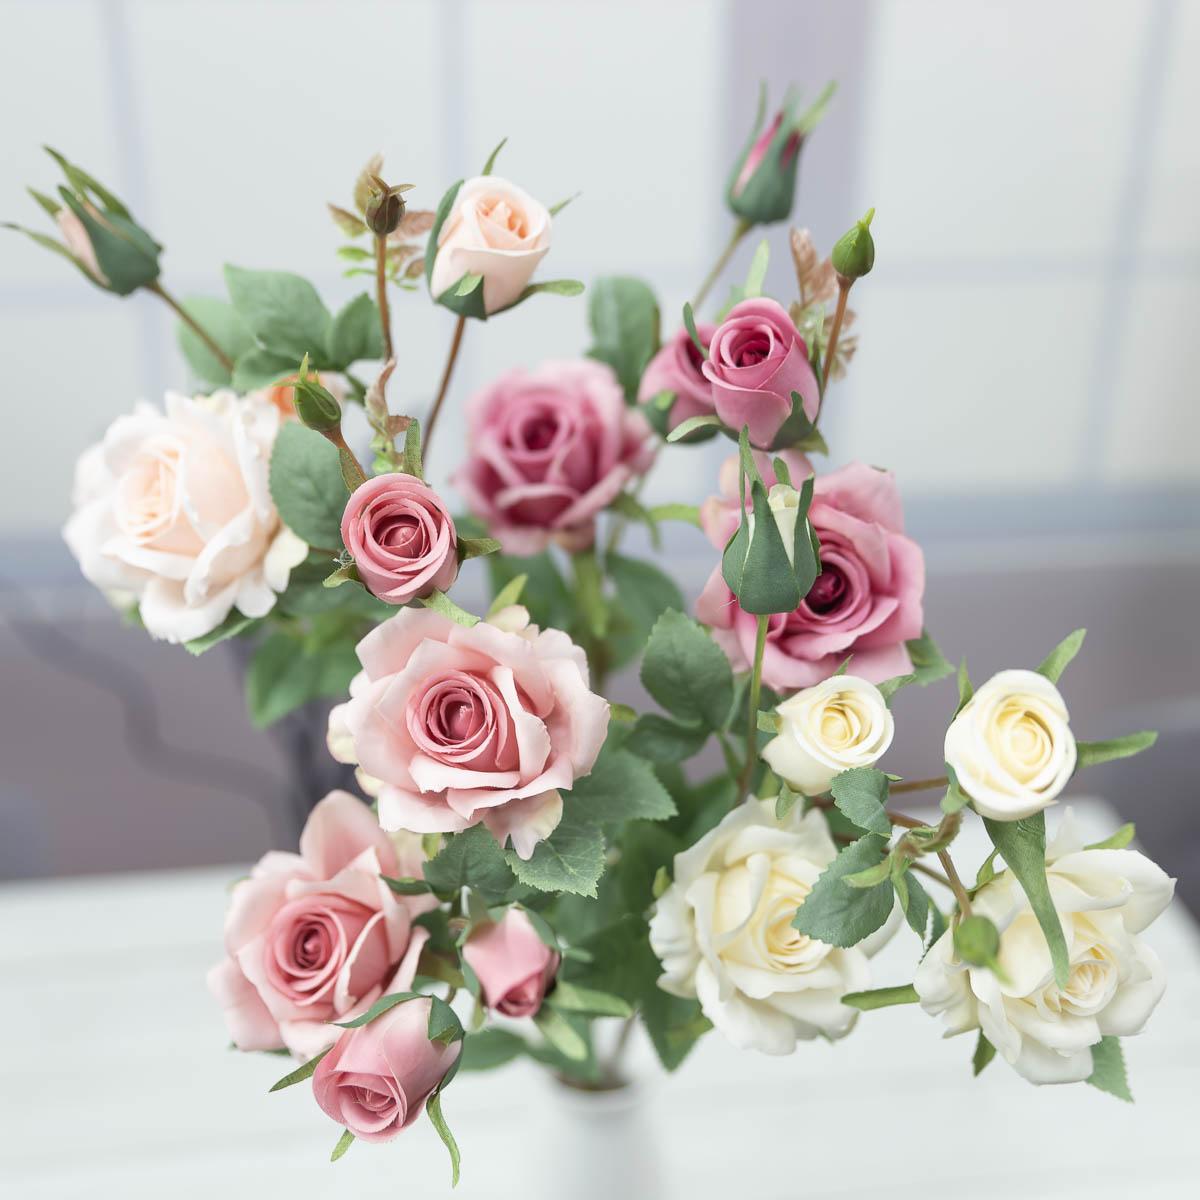 퀸 엘리자베스 장미 꽃 가지